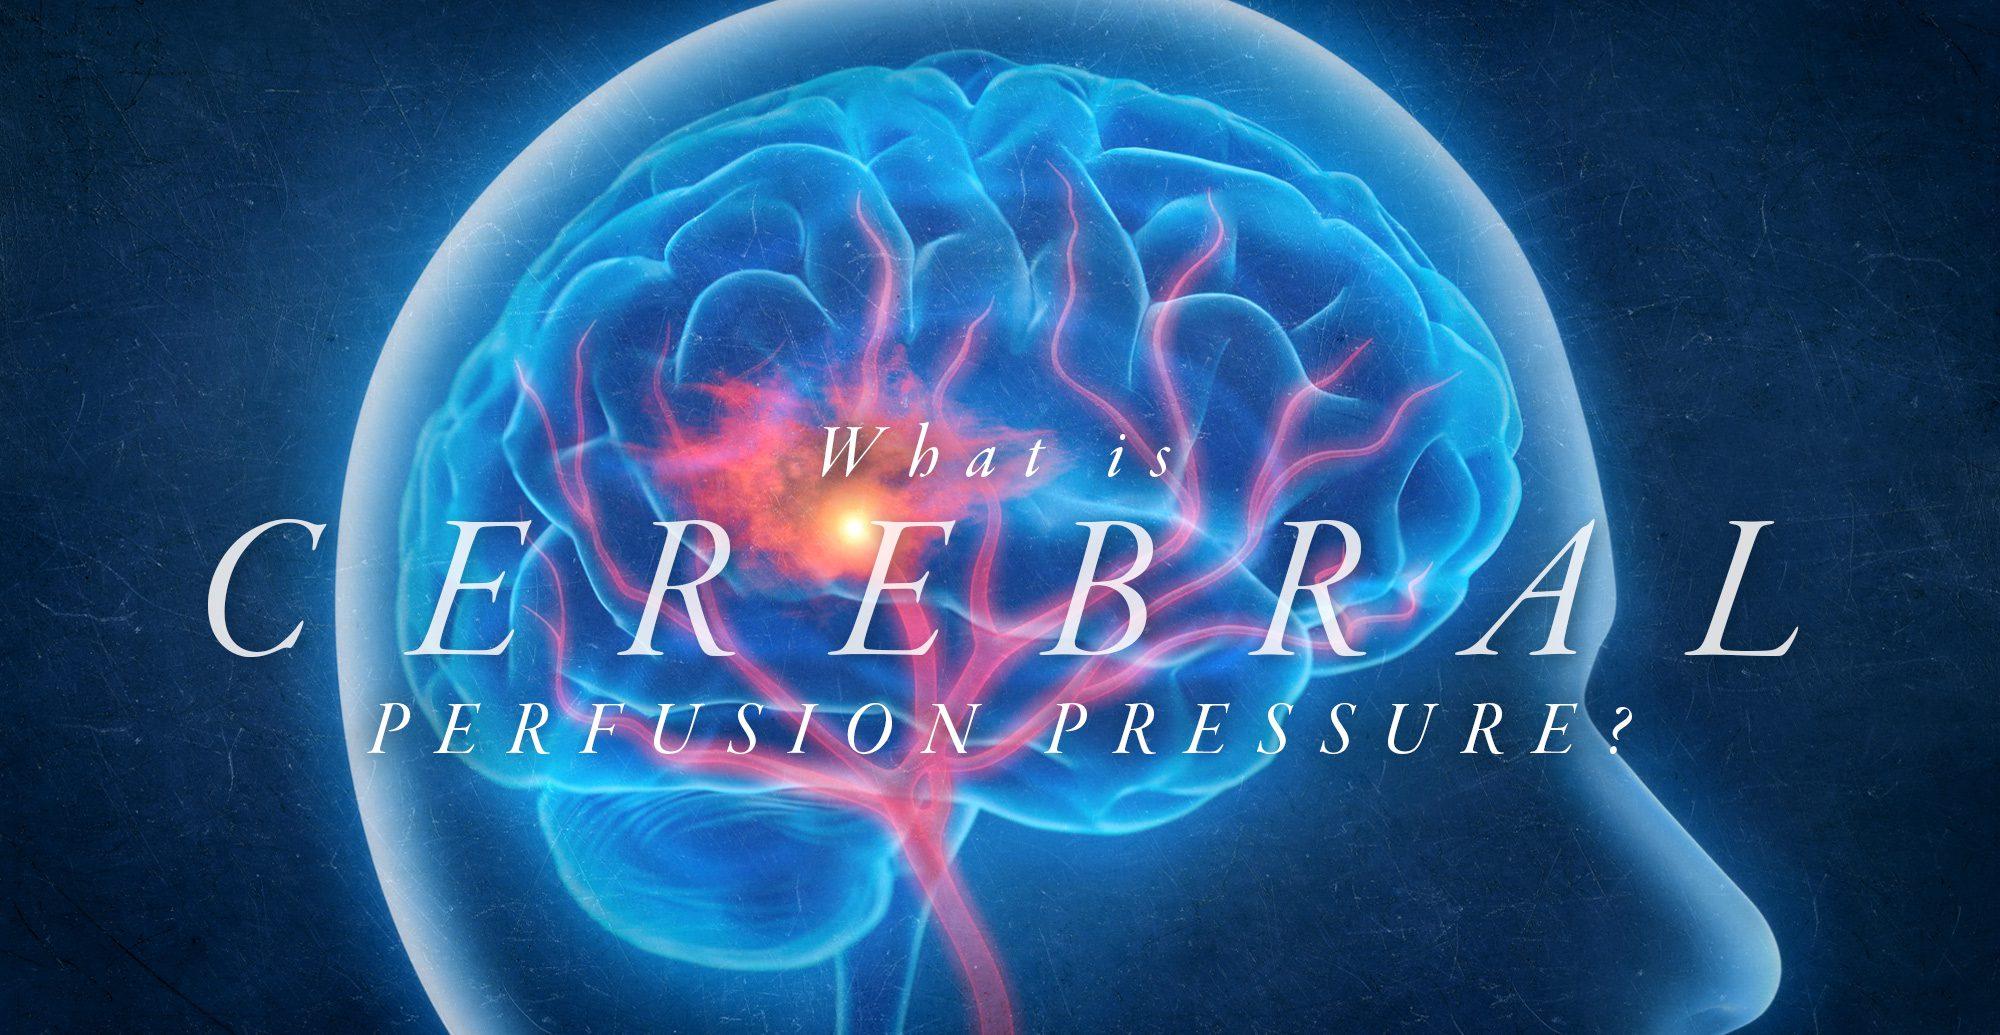 ¿Qué es la presión de perfusión cerebral? El | El Paso, TX Quiropráctico